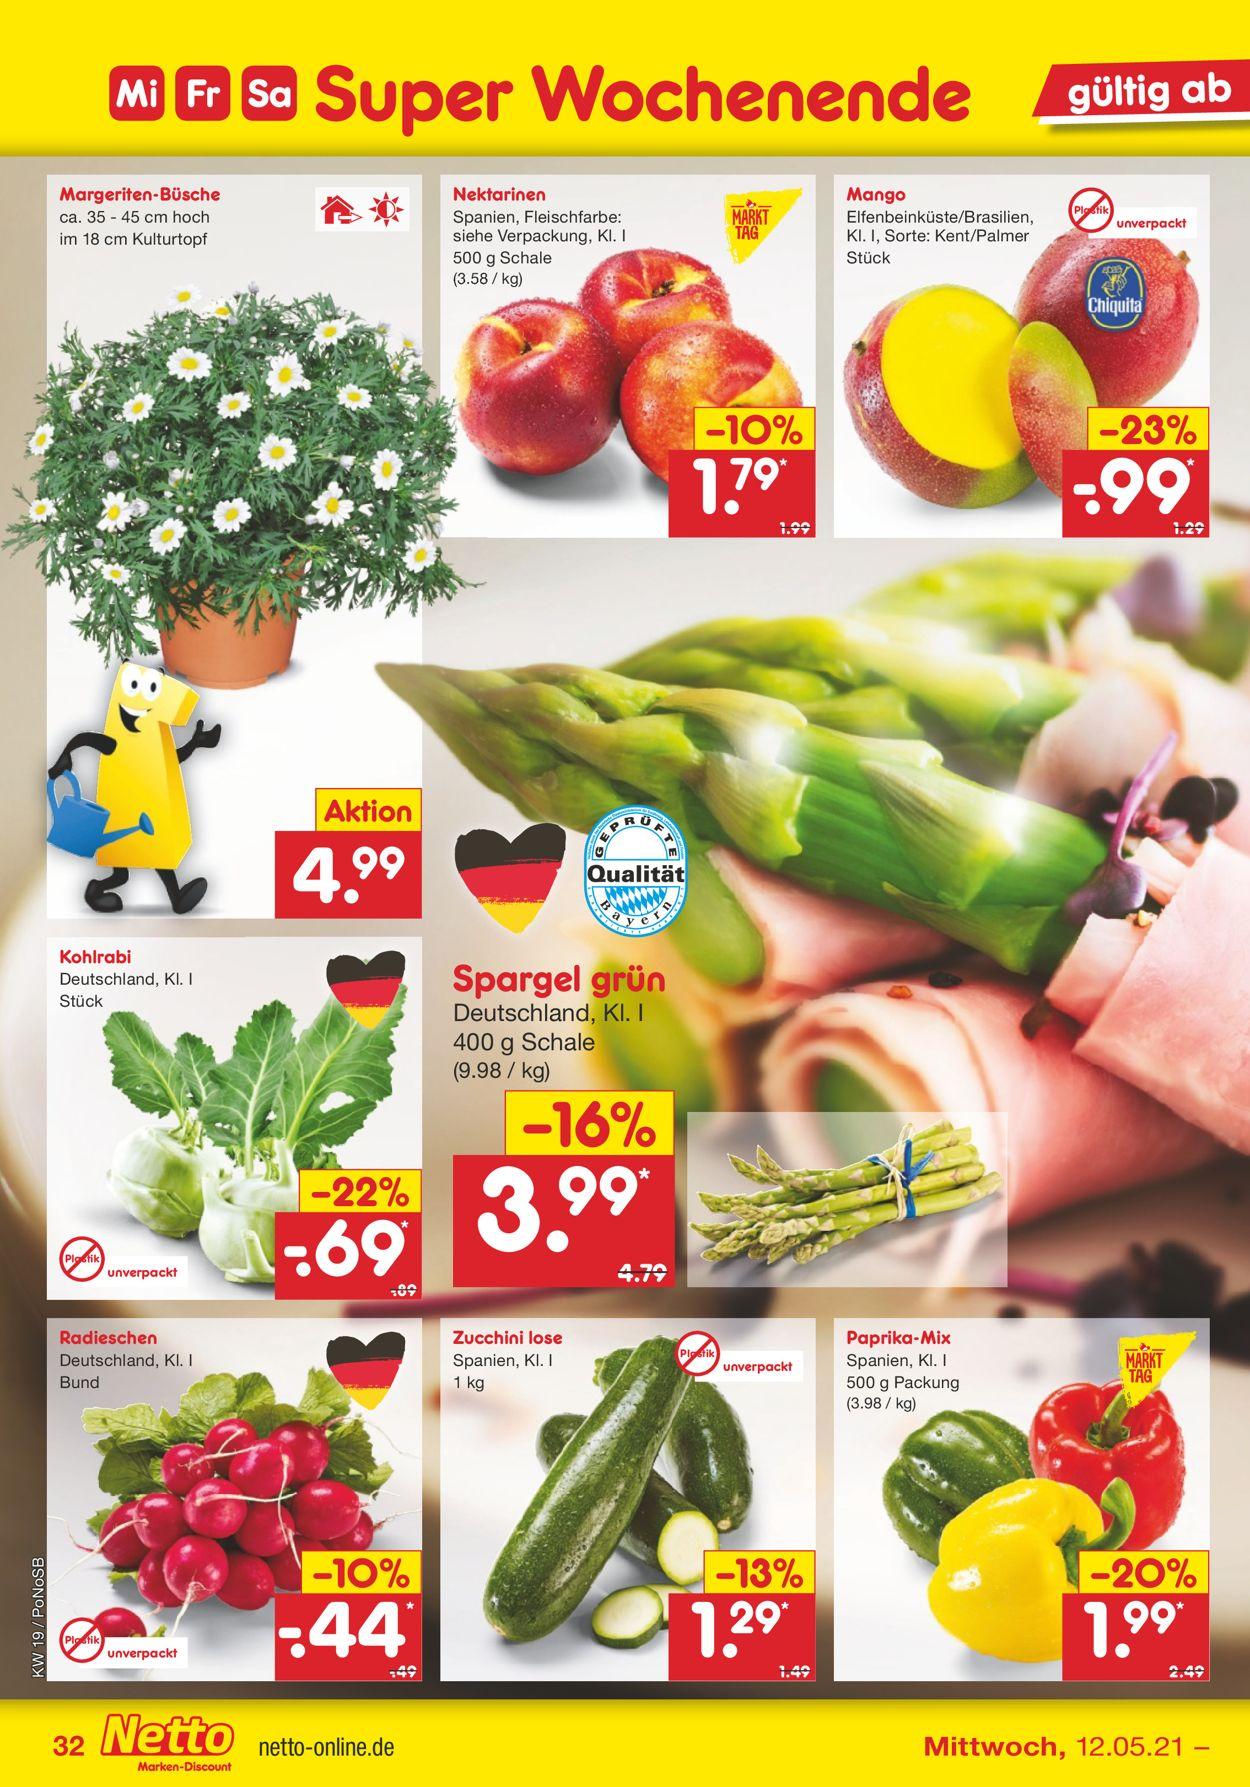 Netto Marken-Discount Prospekt - Aktuell vom 10.05-15.05.2021 (Seite 32)